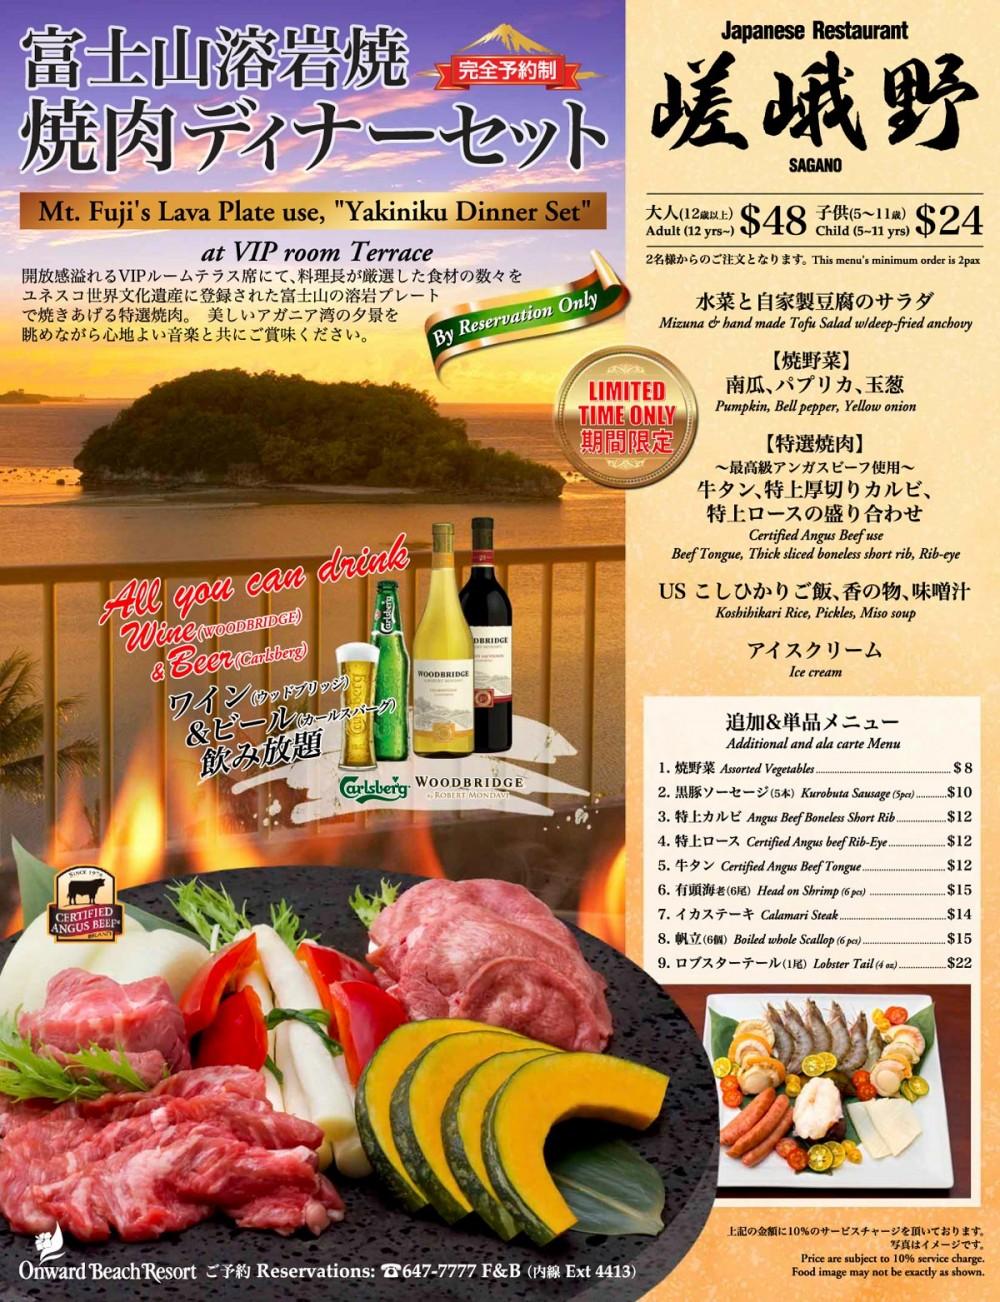 富士山溶岩焼 焼肉ディナーセット (嵯峨野の2014年夏限定ディナー)